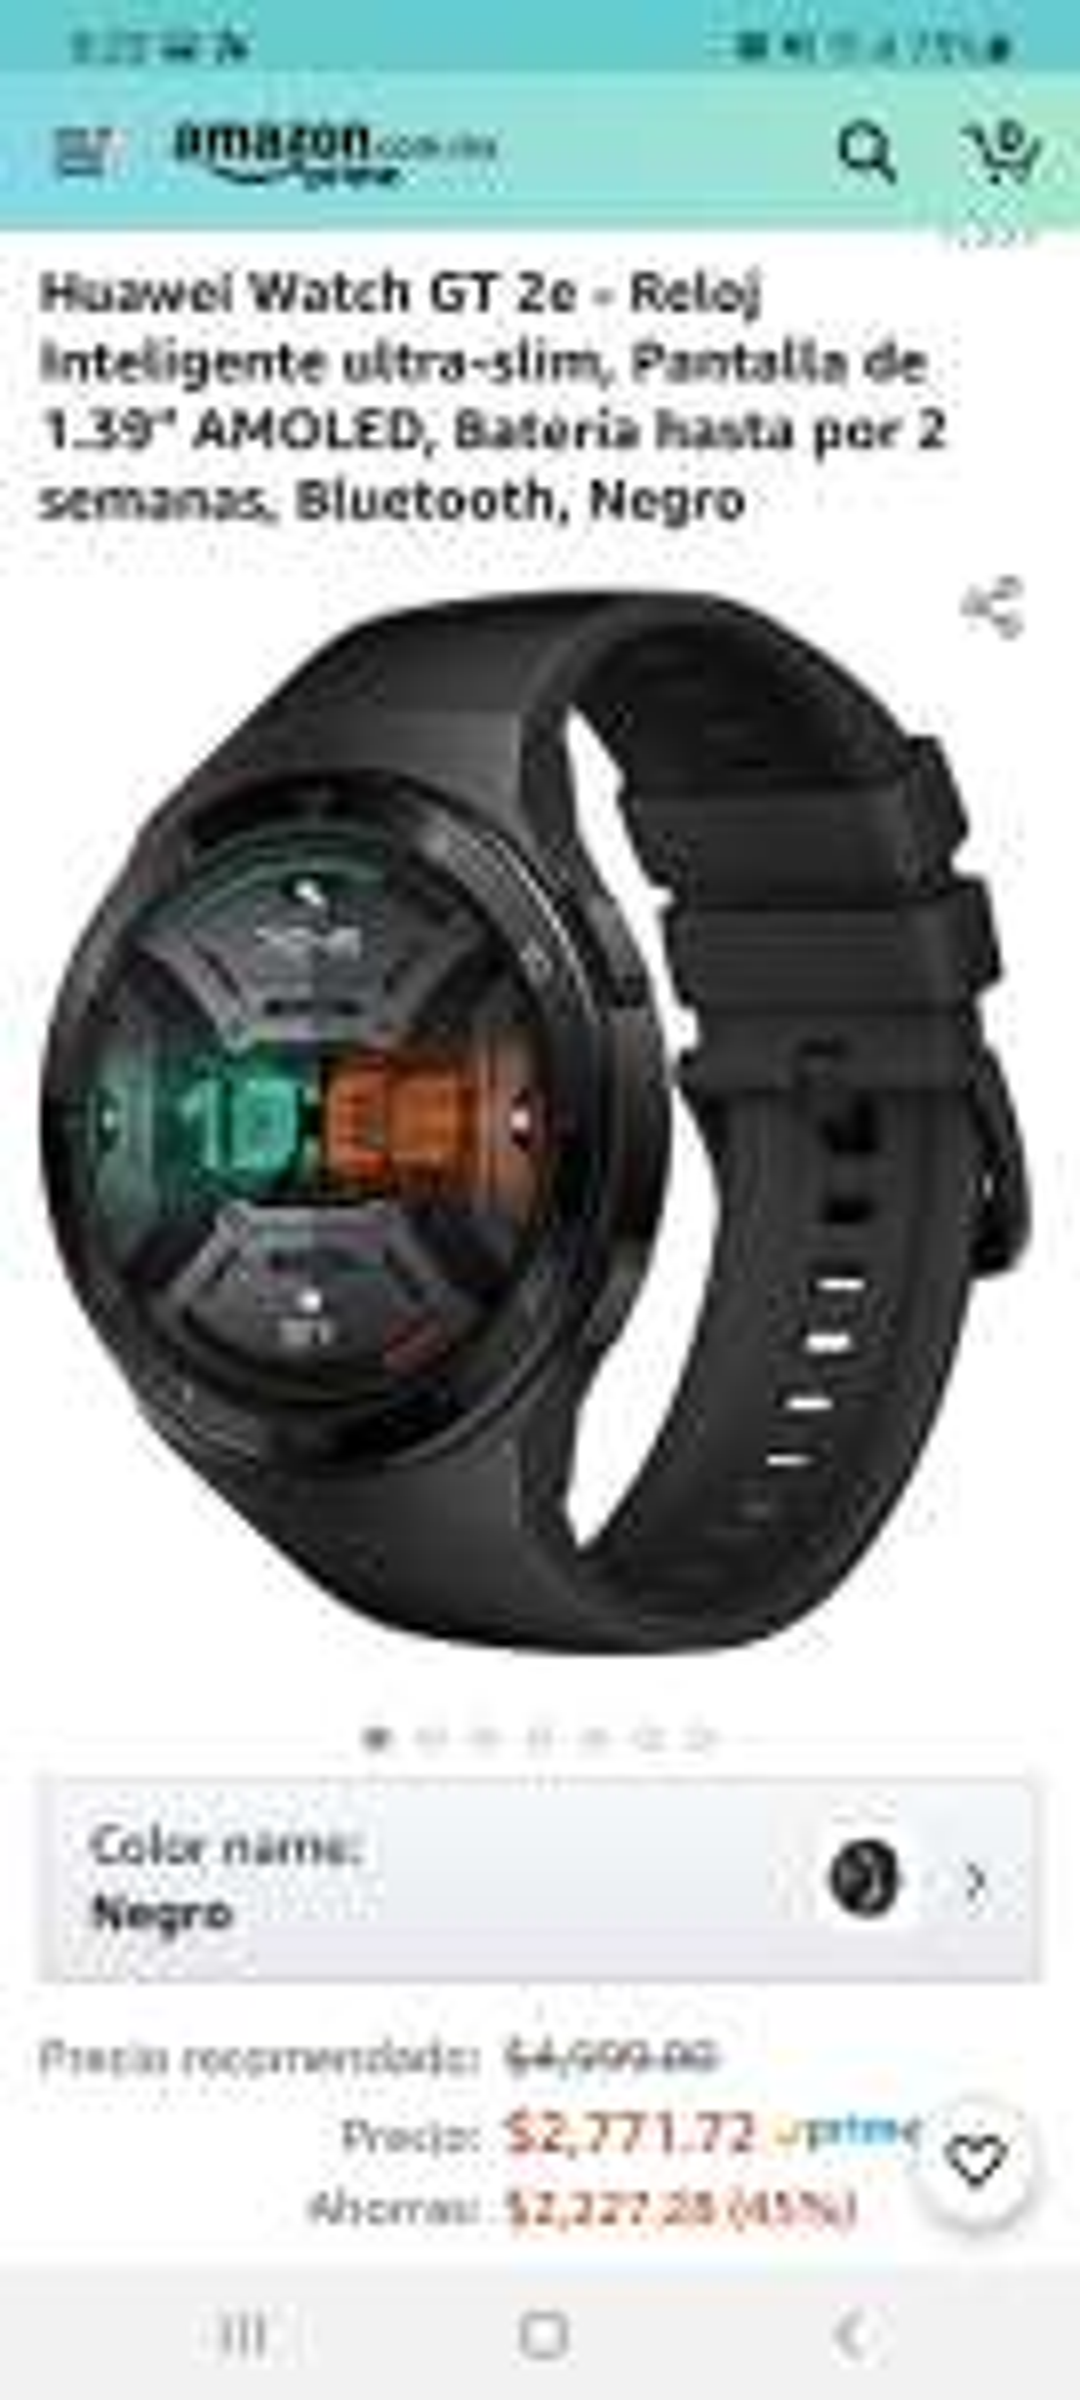 Amazon: Huawei watch GT 2e